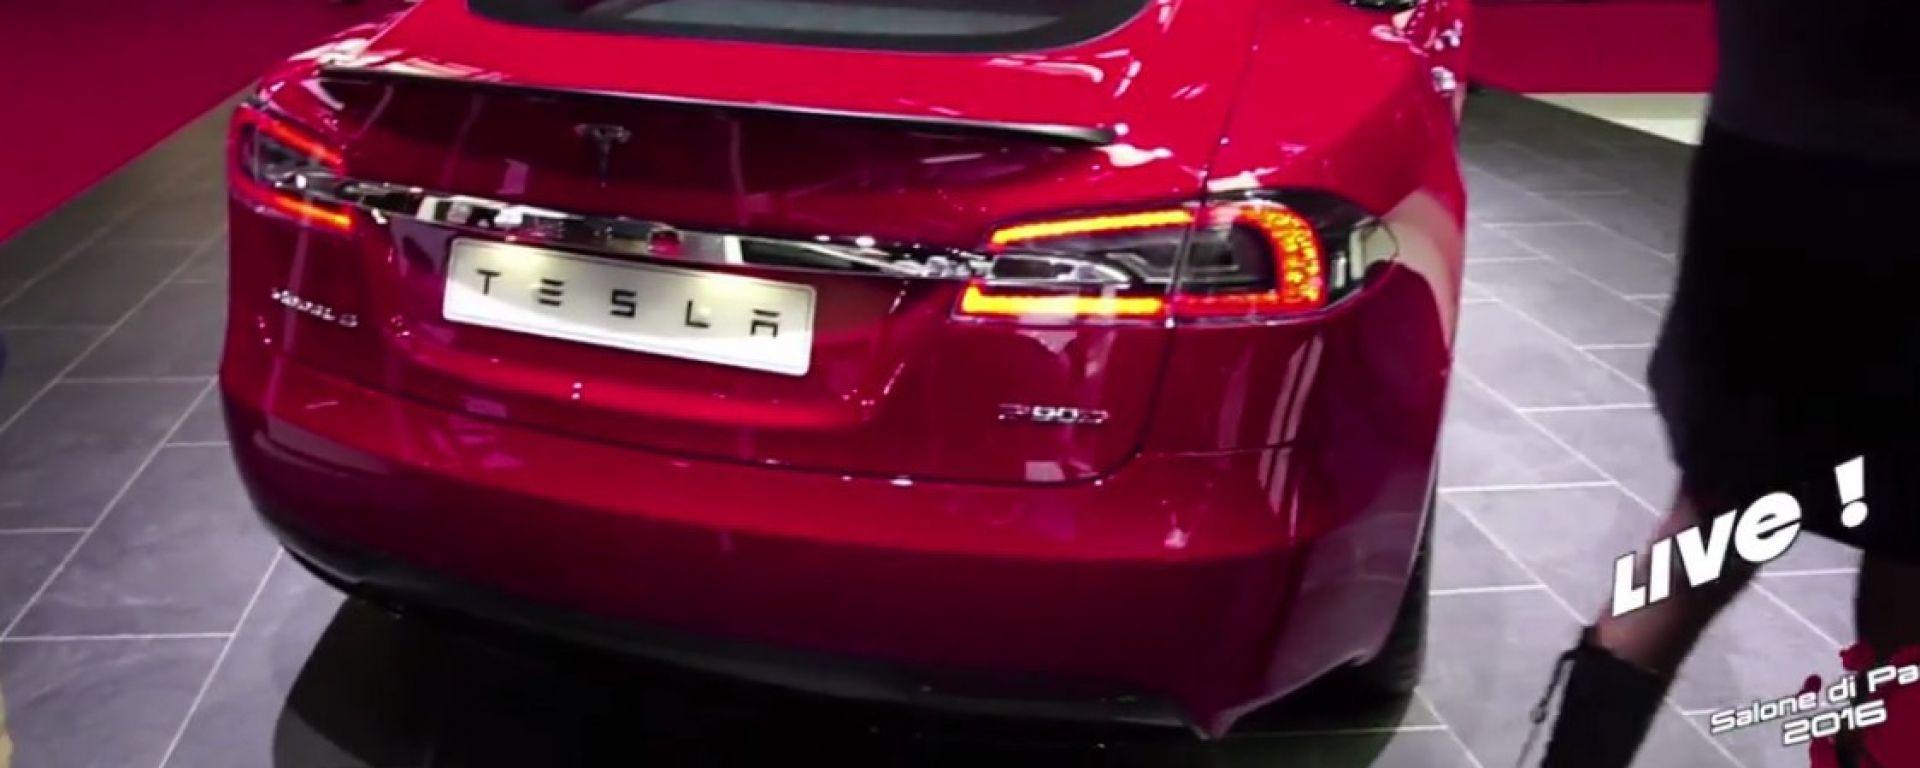 Live Parigi 2016: Tesla Model S P100D e Autopilot 8 in video